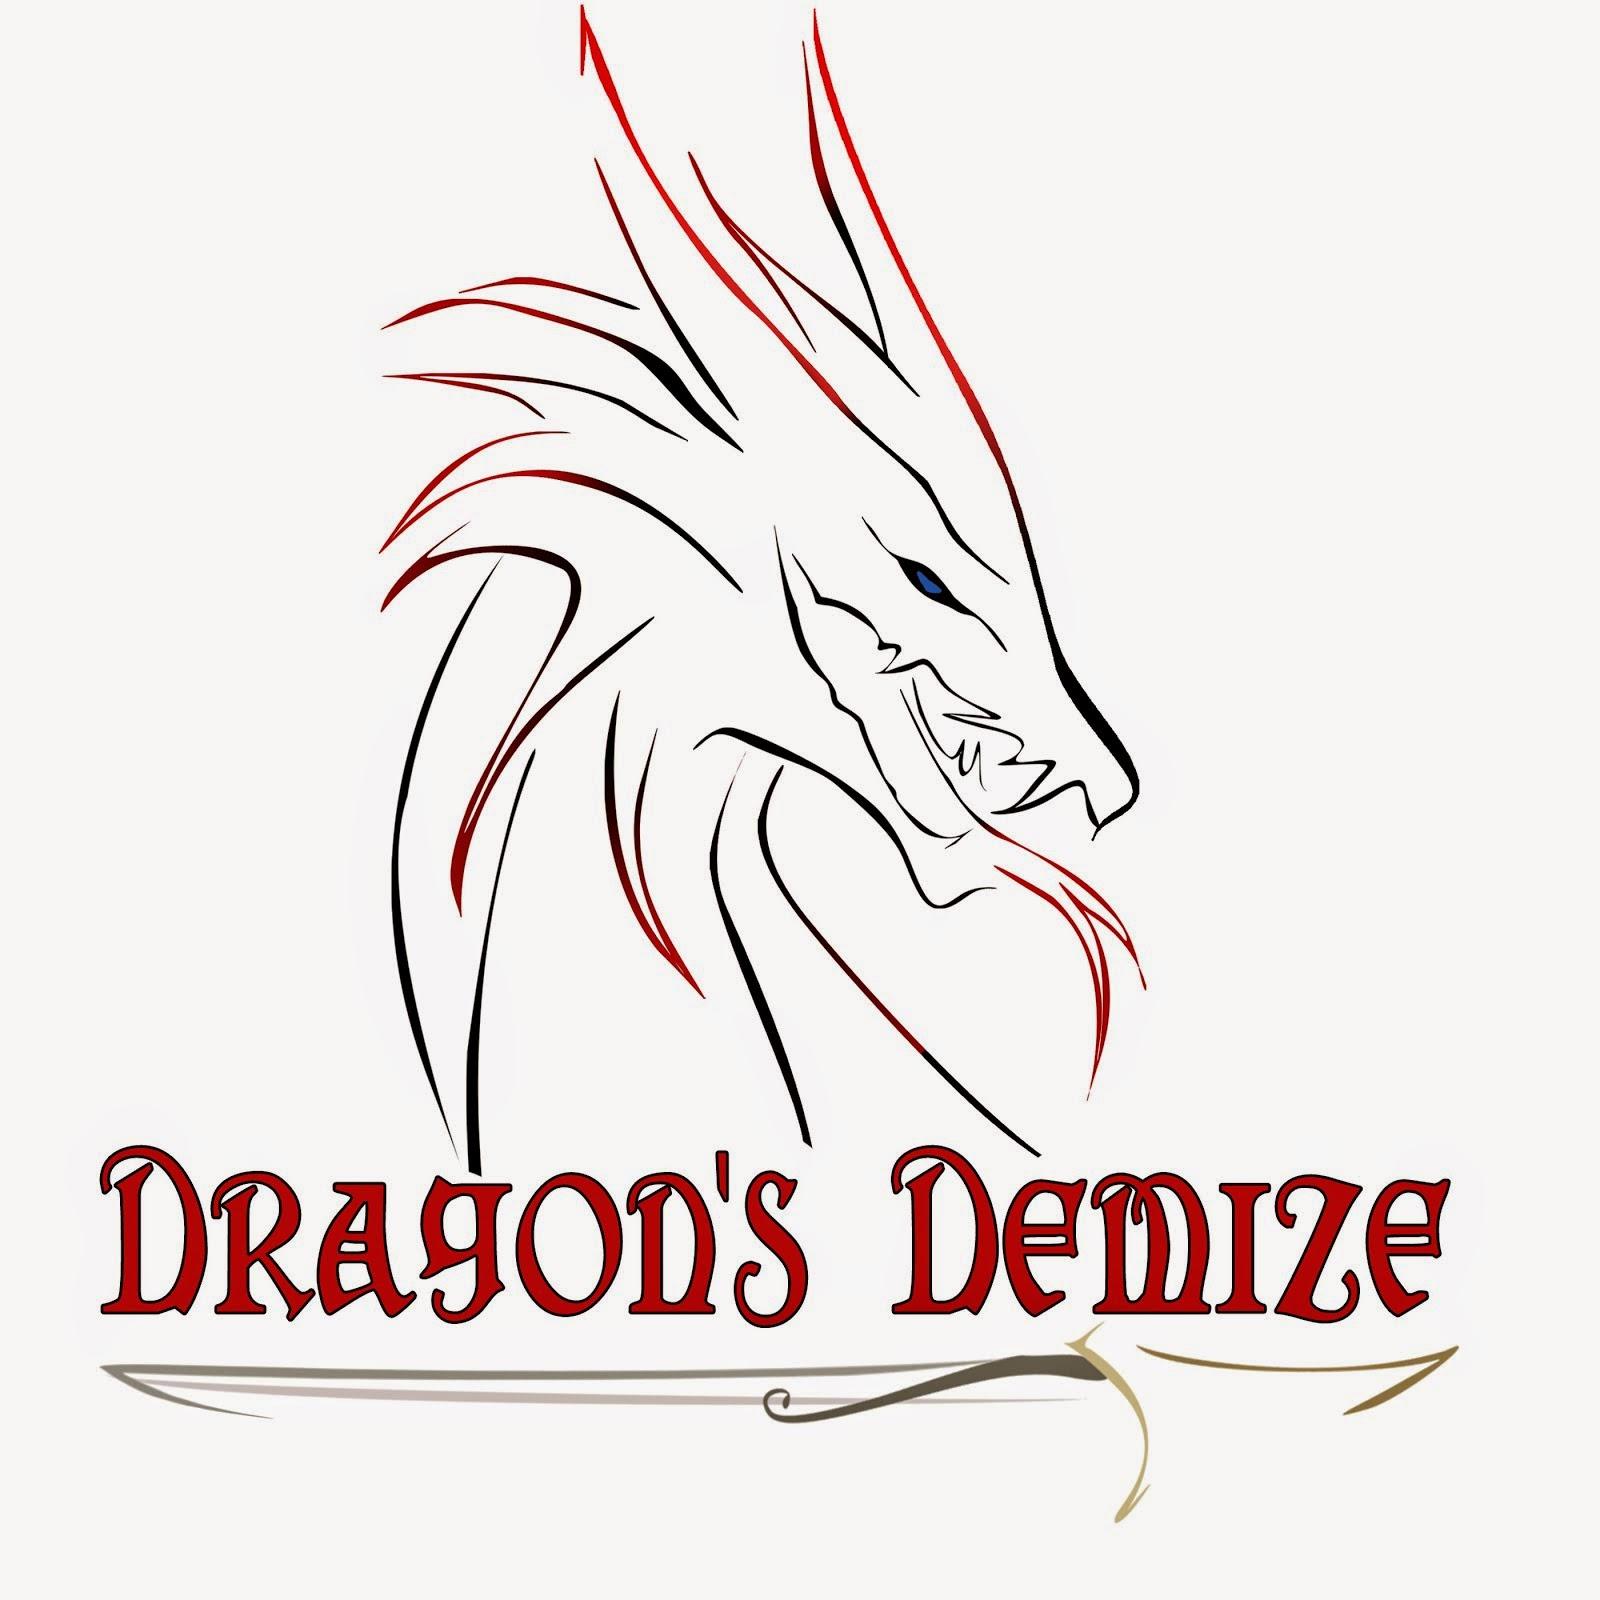 Dragons Demize